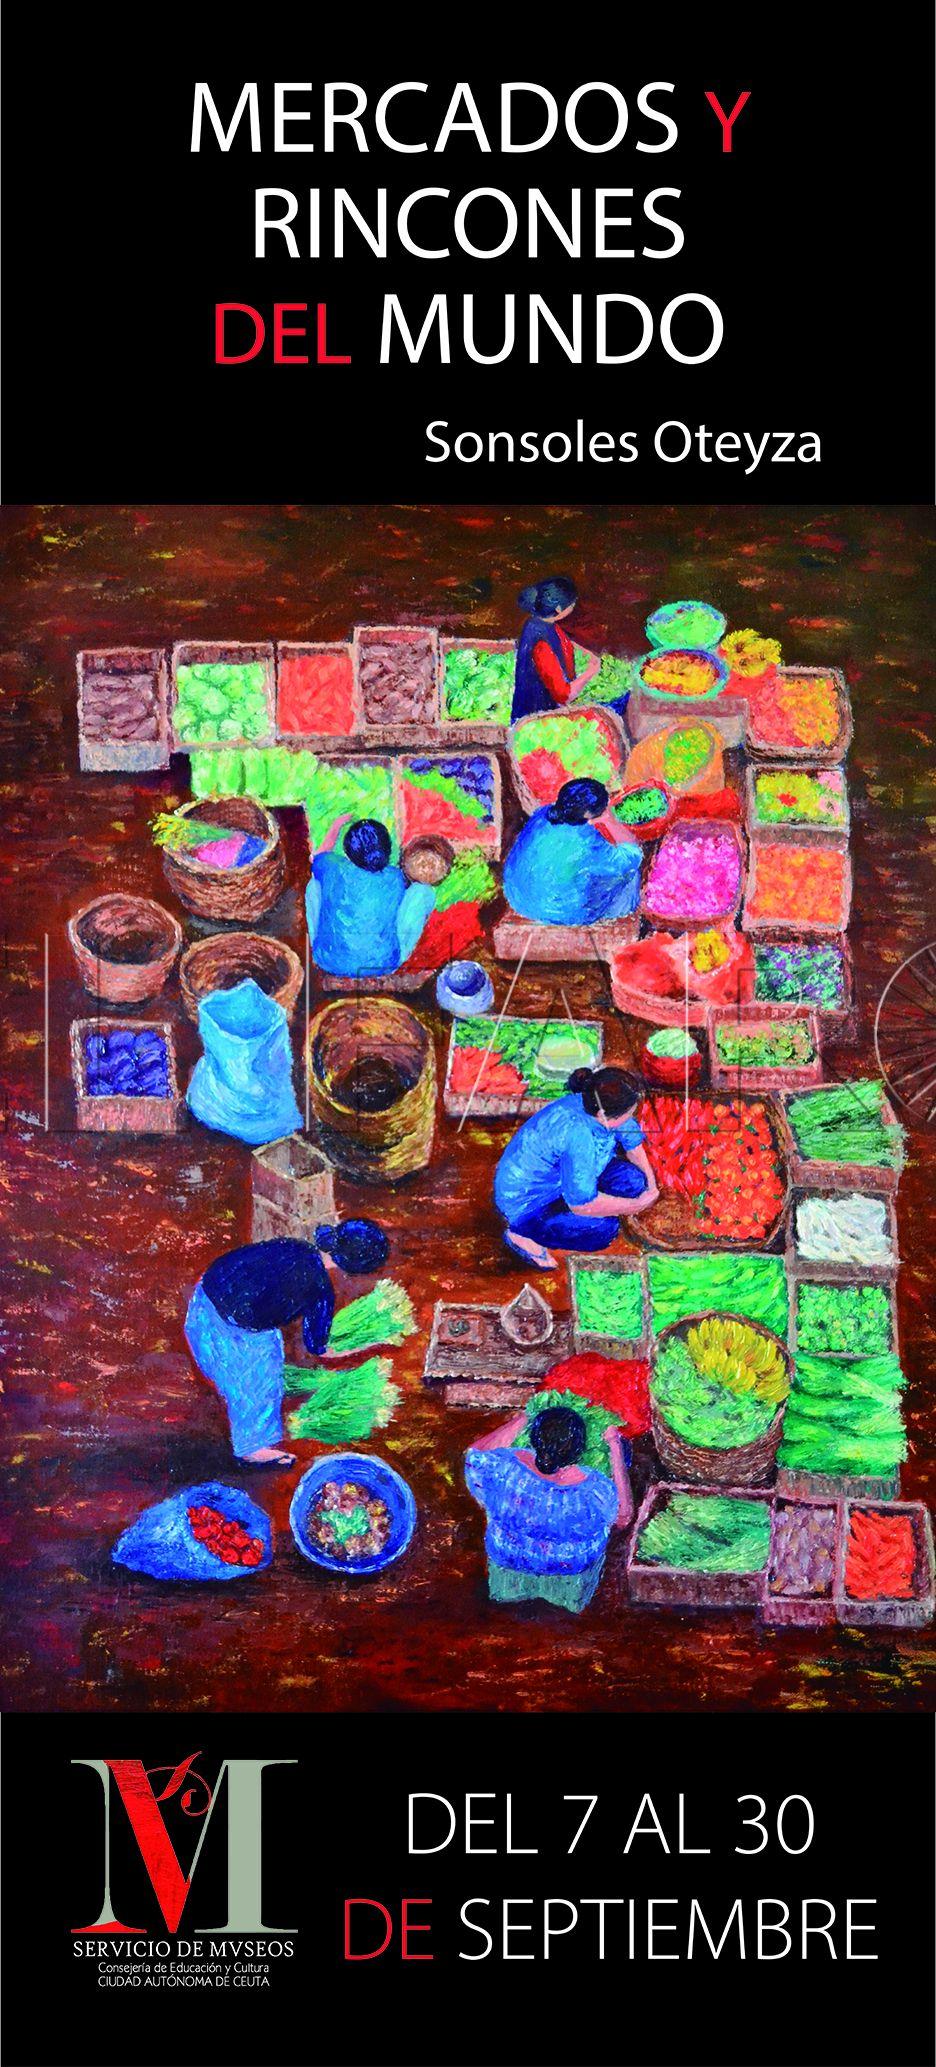 'Mercados y rincones del mundo' muestra de Sonsoles Oteyza en el Revellin